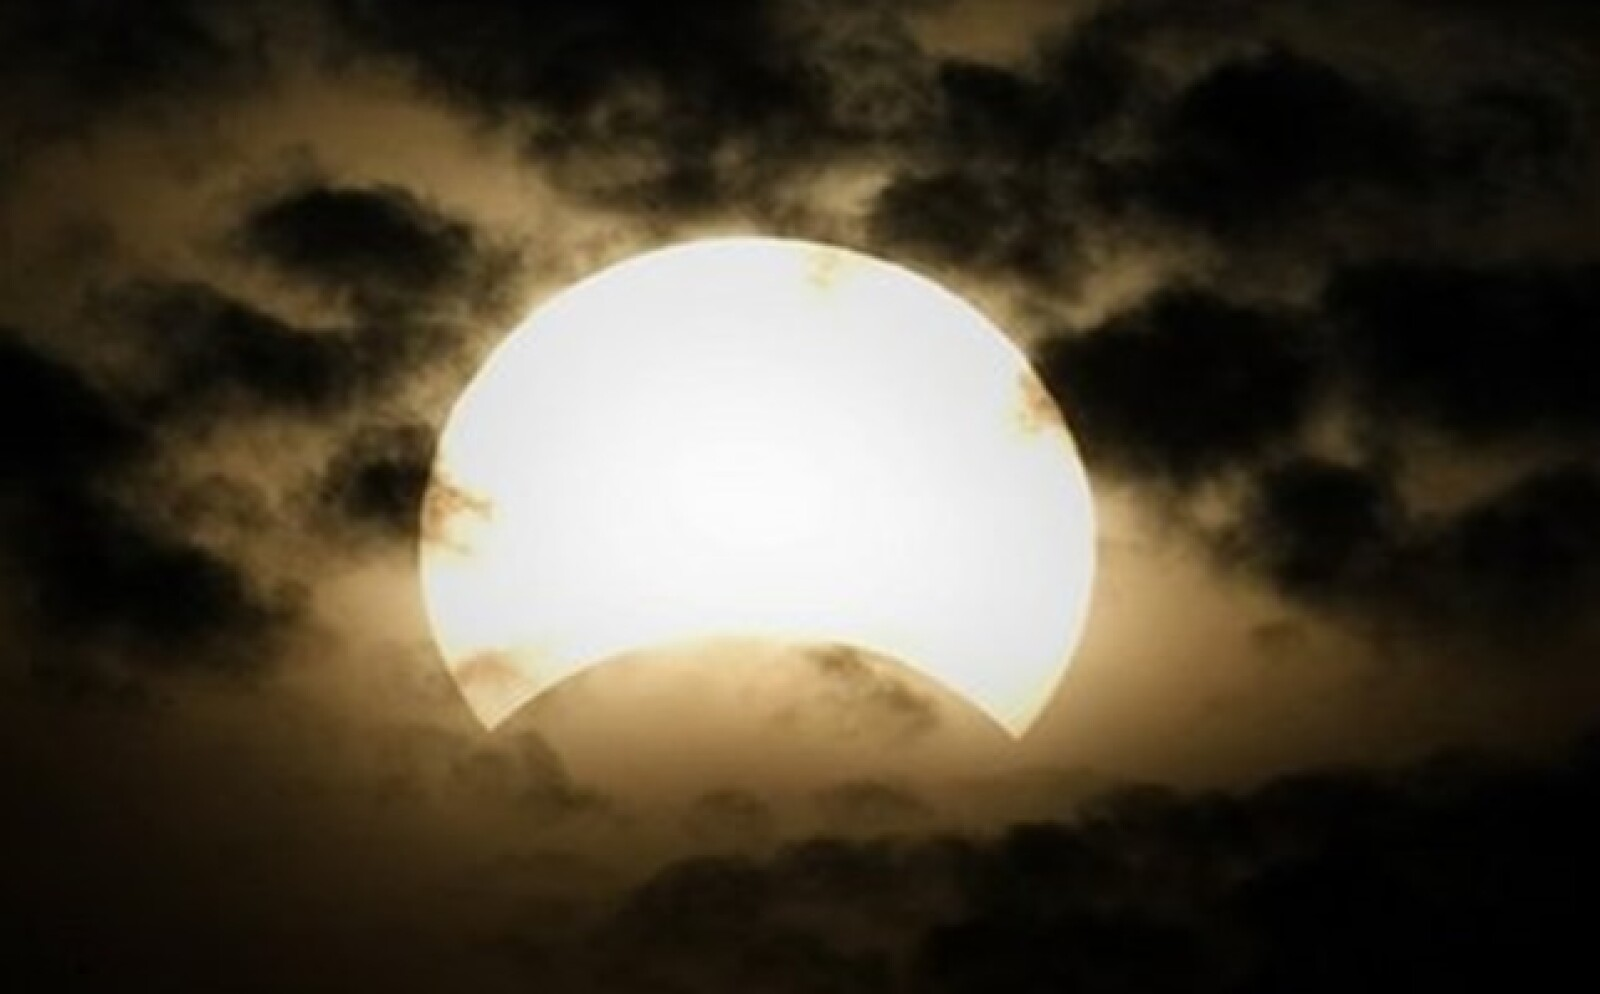 Los astros se fundieron al pie de de los ojos de millones de personas.